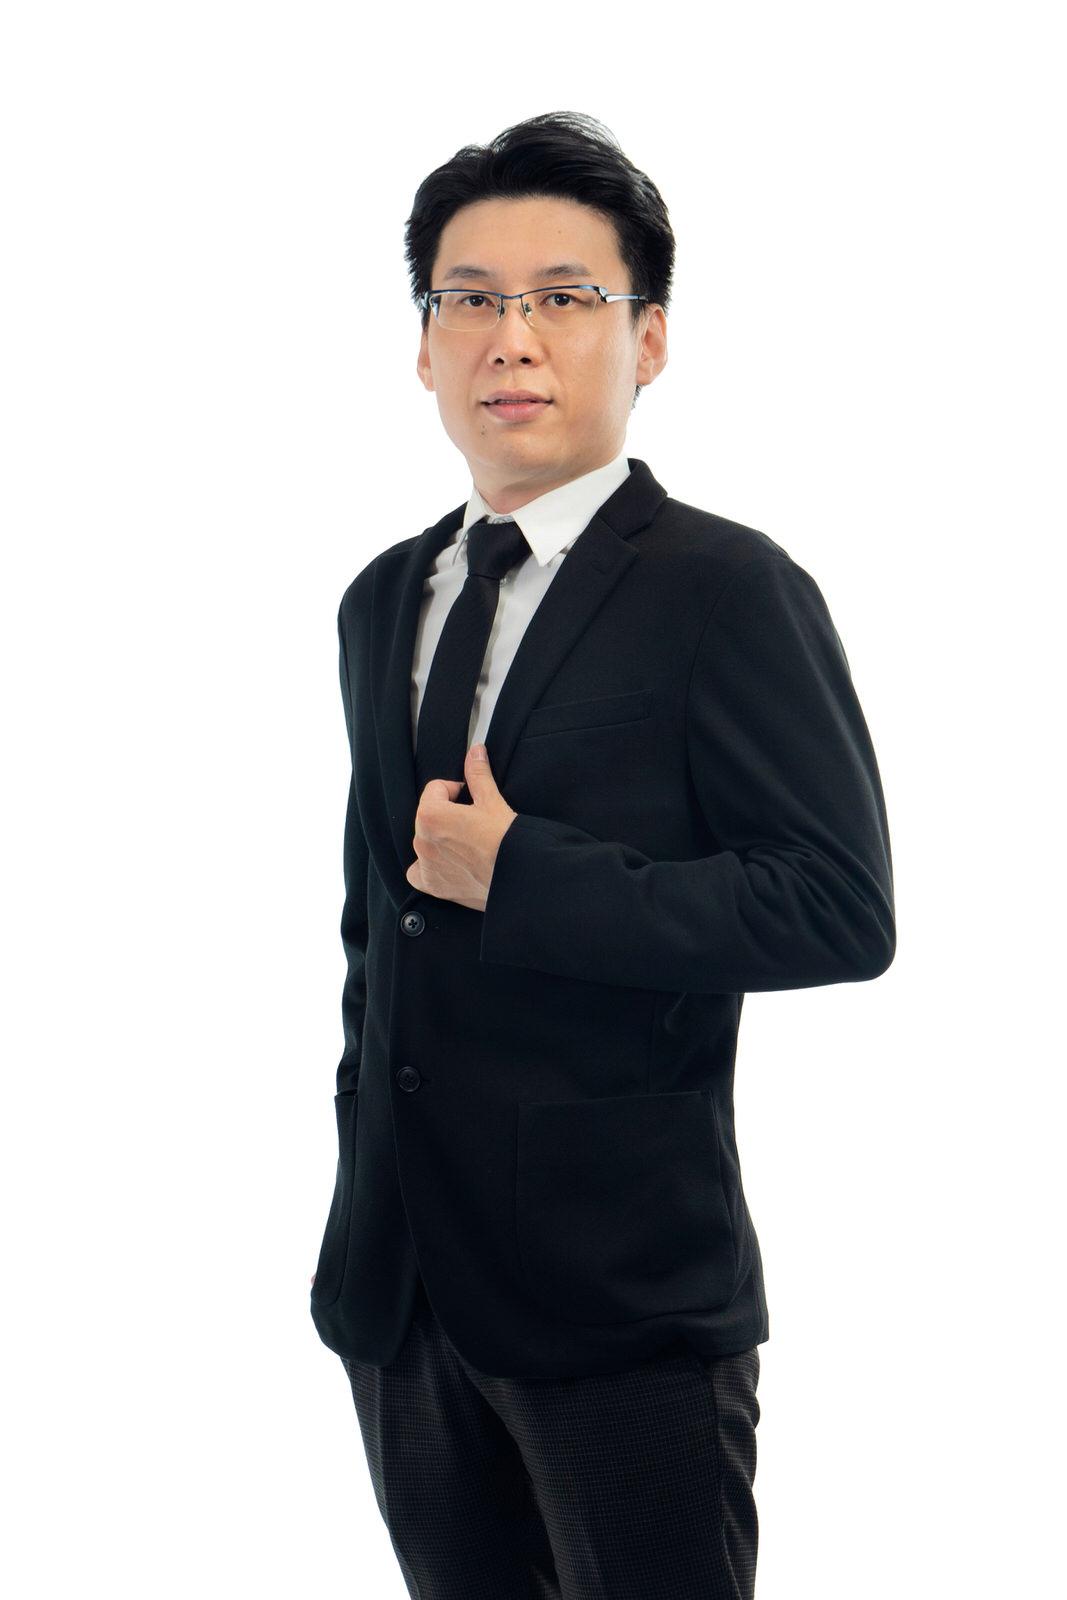 Dr Hong